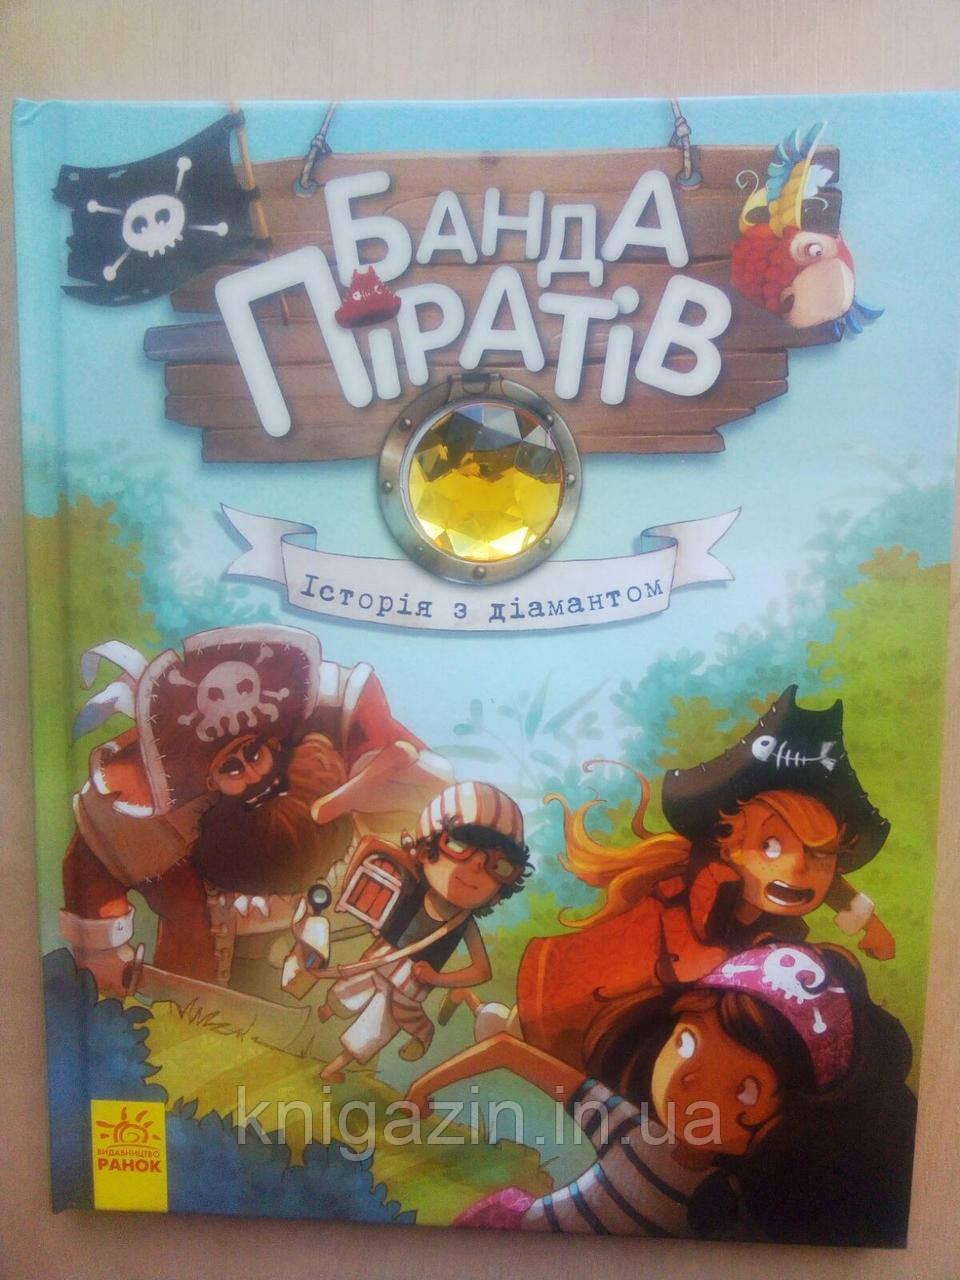 Книга Банда Піратів. Історія з діамантом. Для дітей від 6 років